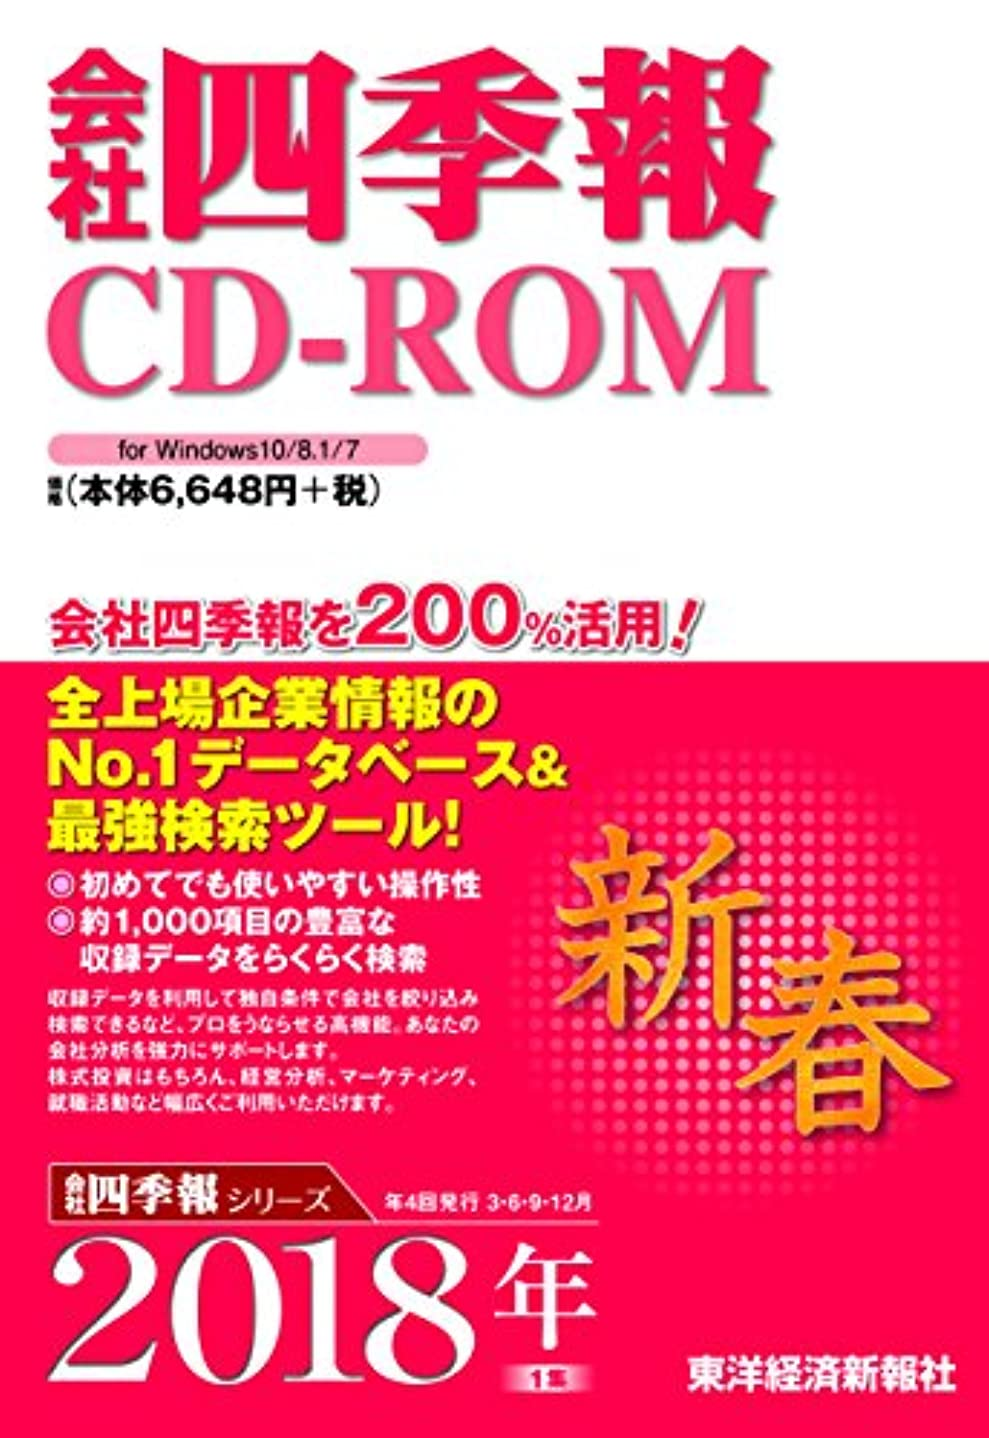 猟犬呼ぶ質素な会社四季報CD-ROM2018年1集新春号